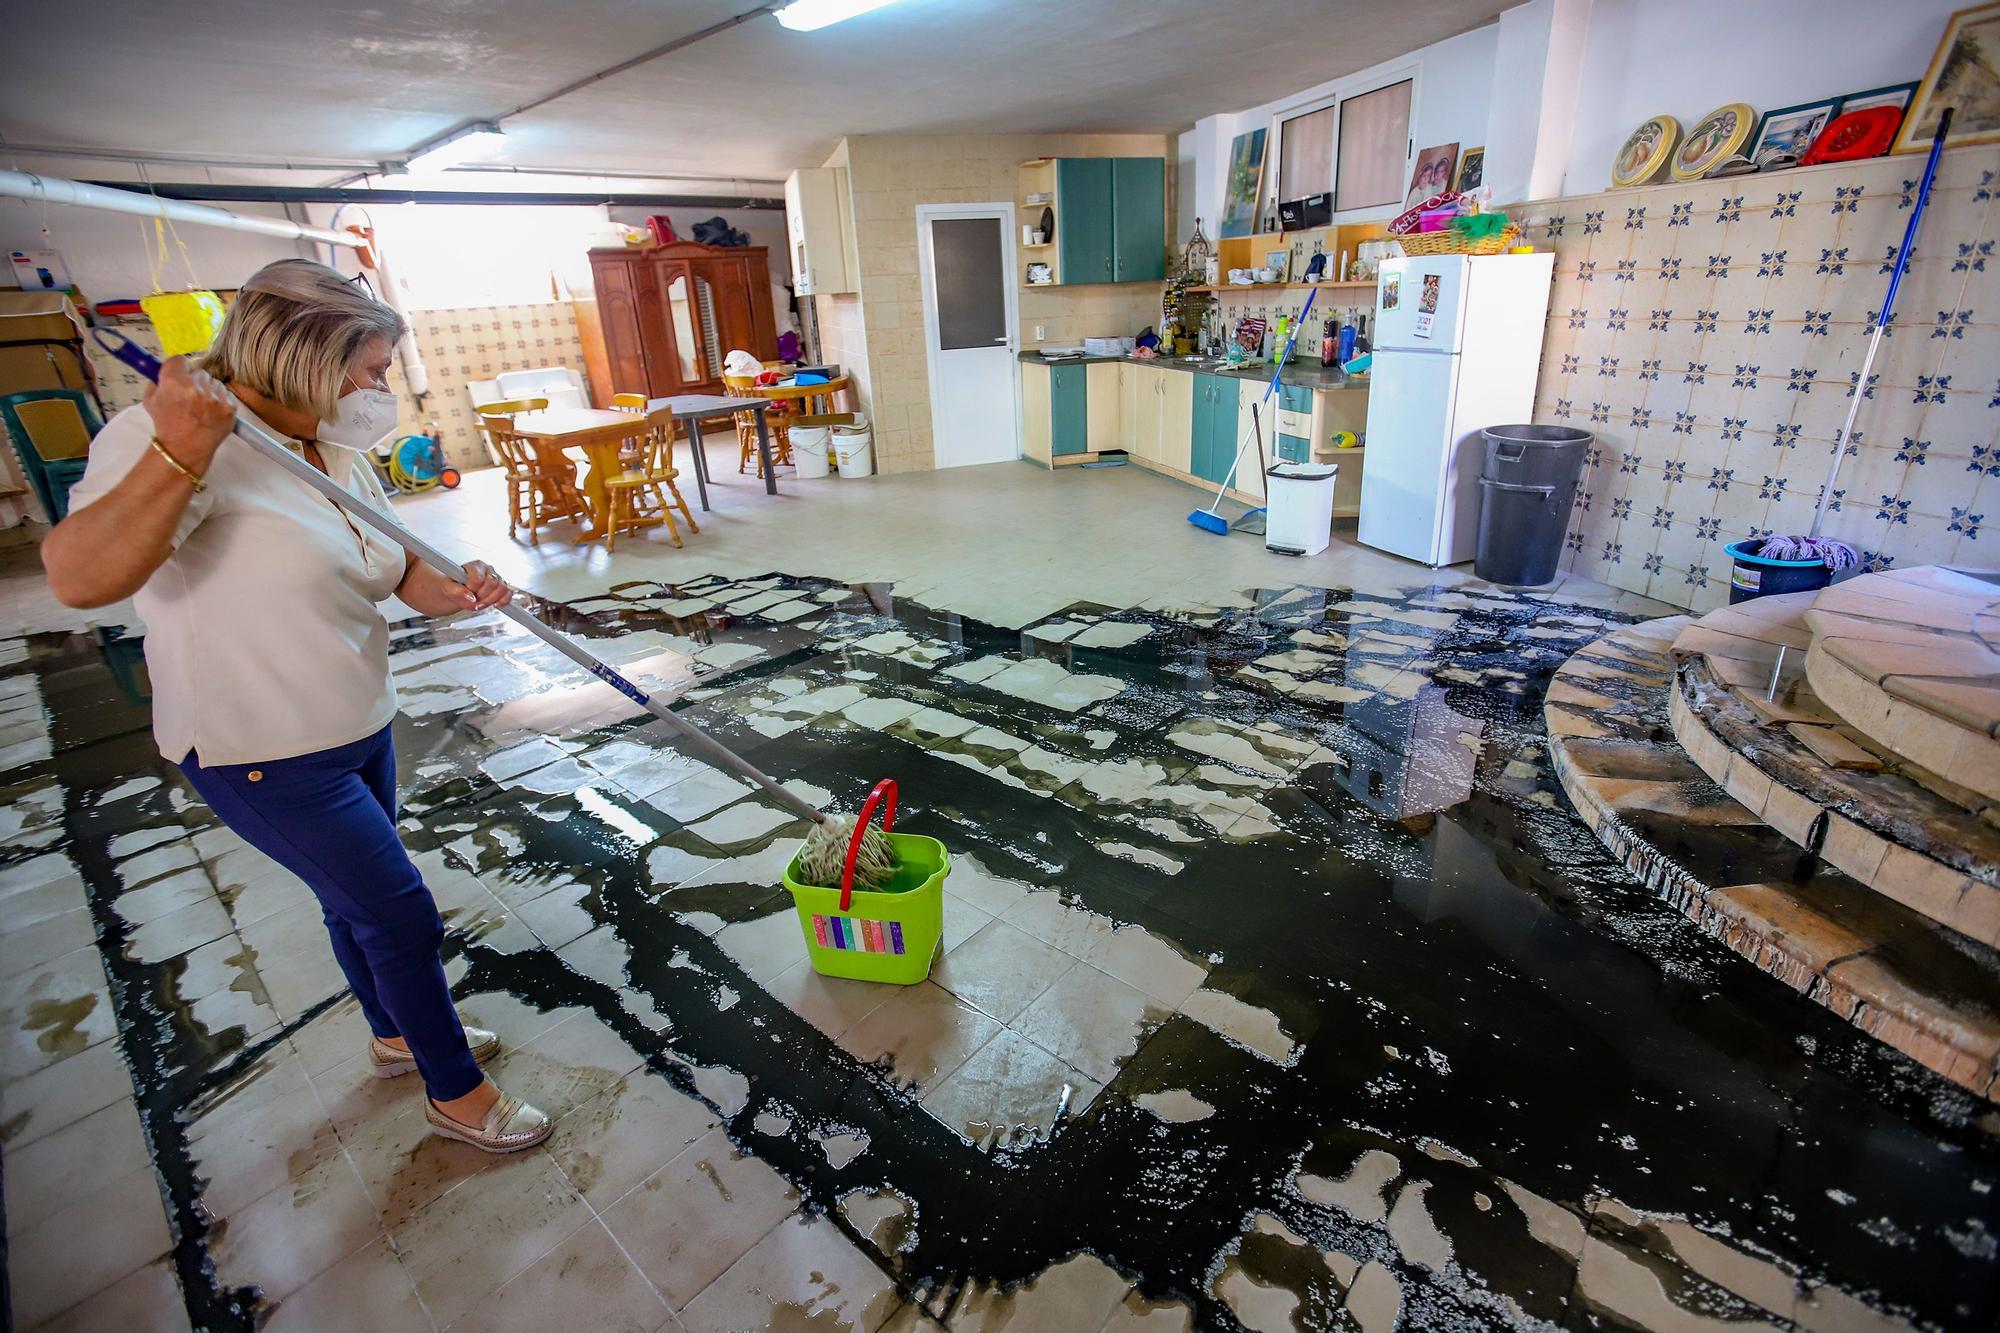 Aguas fecales rebosan desde hace un año en el sótano de la casa de una familia de Callosa de Segura